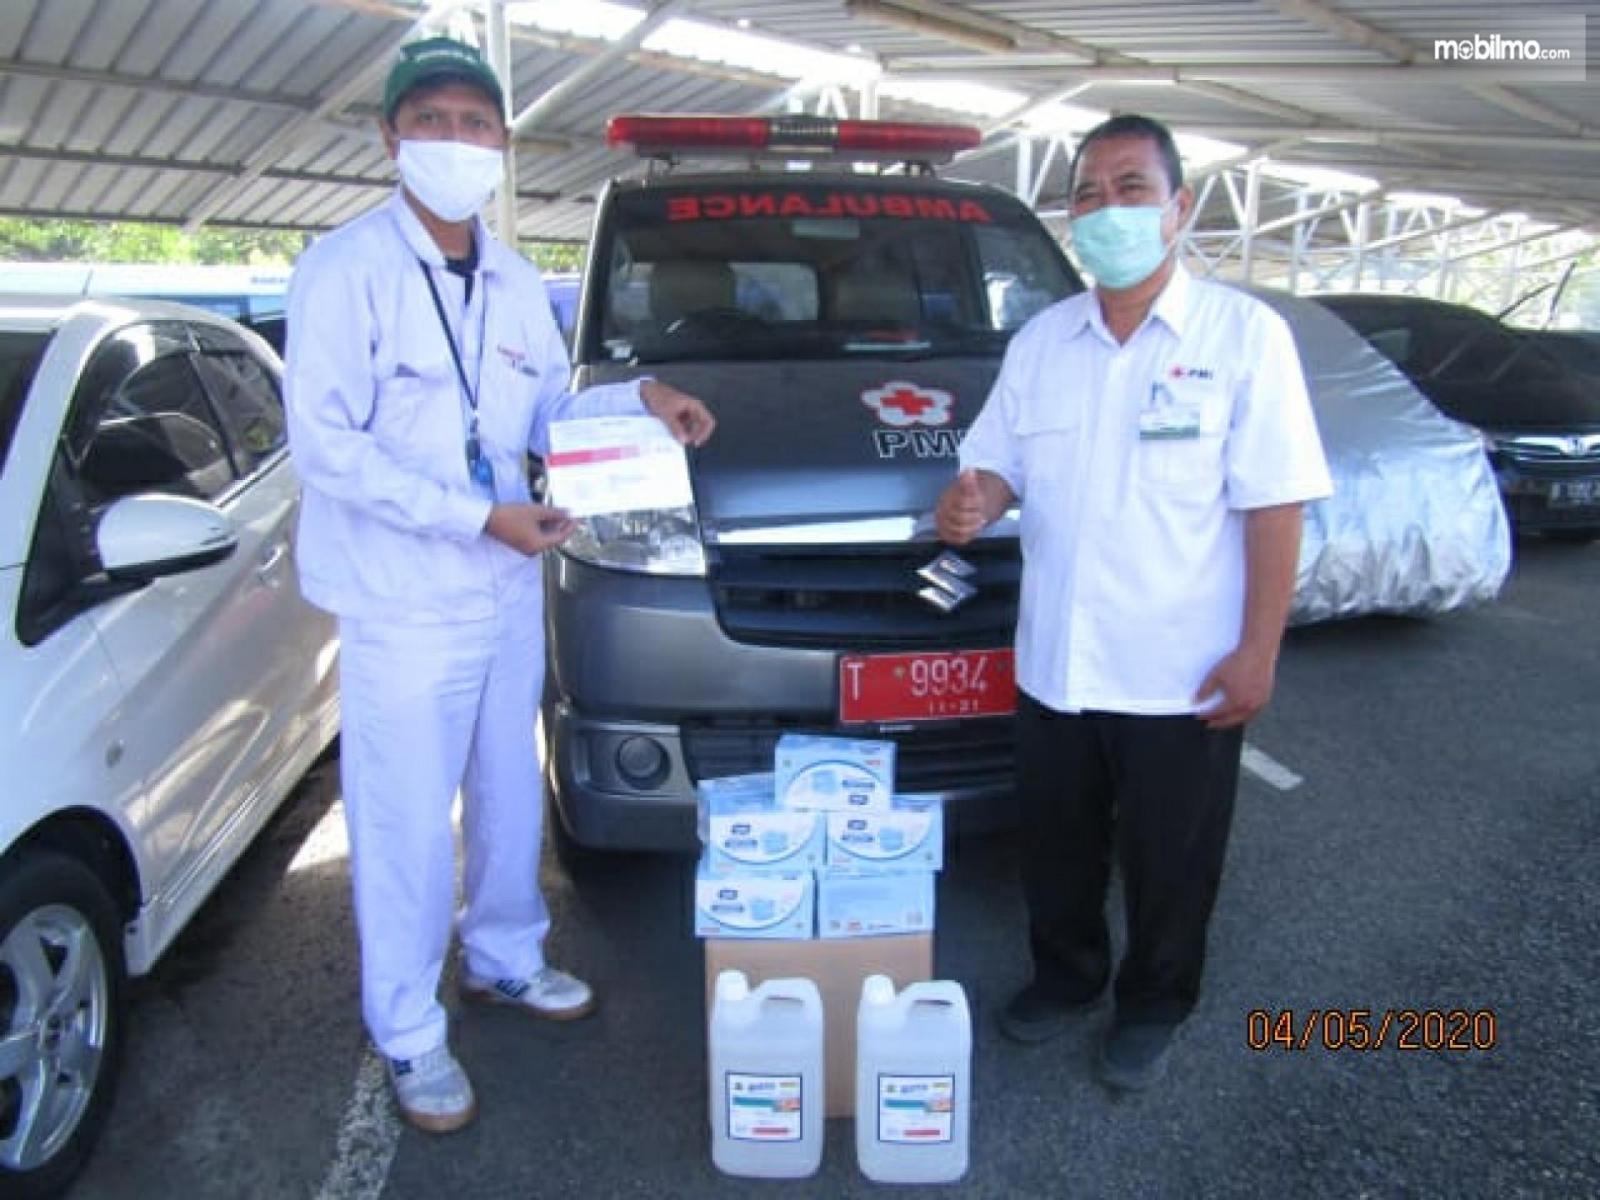 Foto menunjukkan suasana saat Penyerahan bantuan masker medis dari Honda di RSUD Karawang